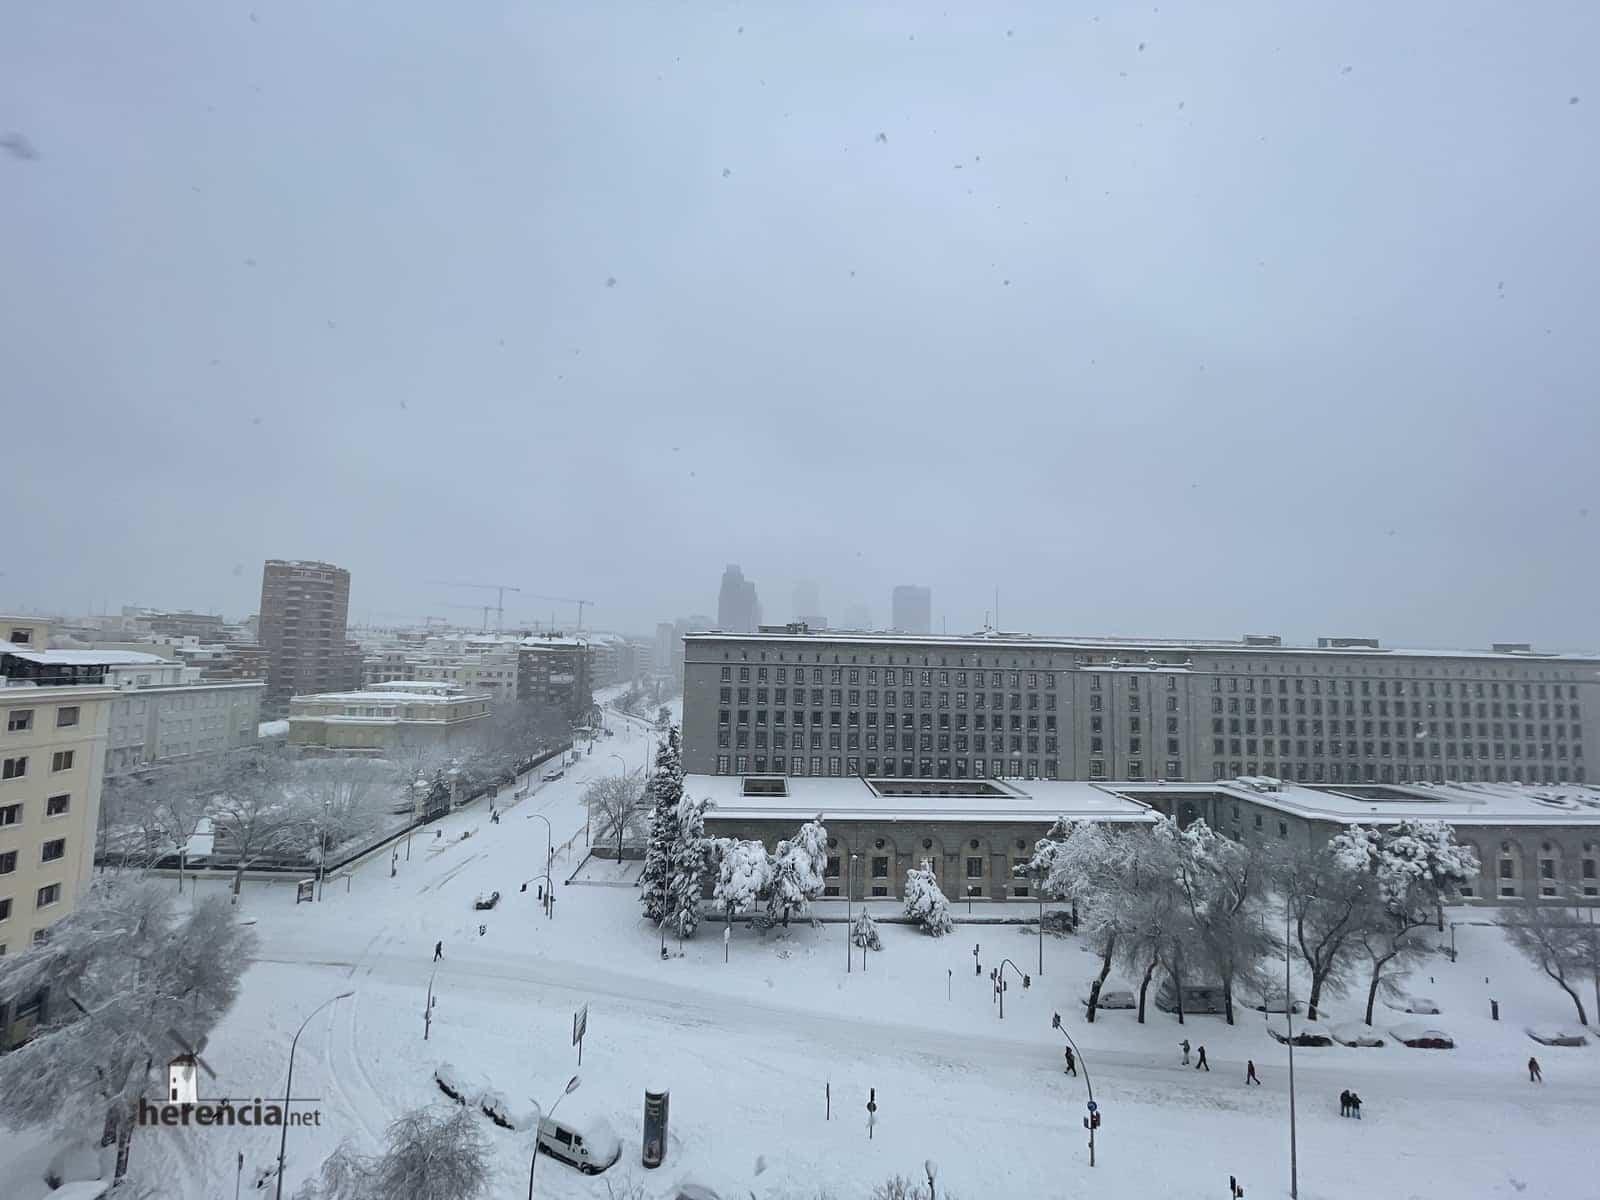 Más fotografías de las nieves de 2021 en Herencia 153